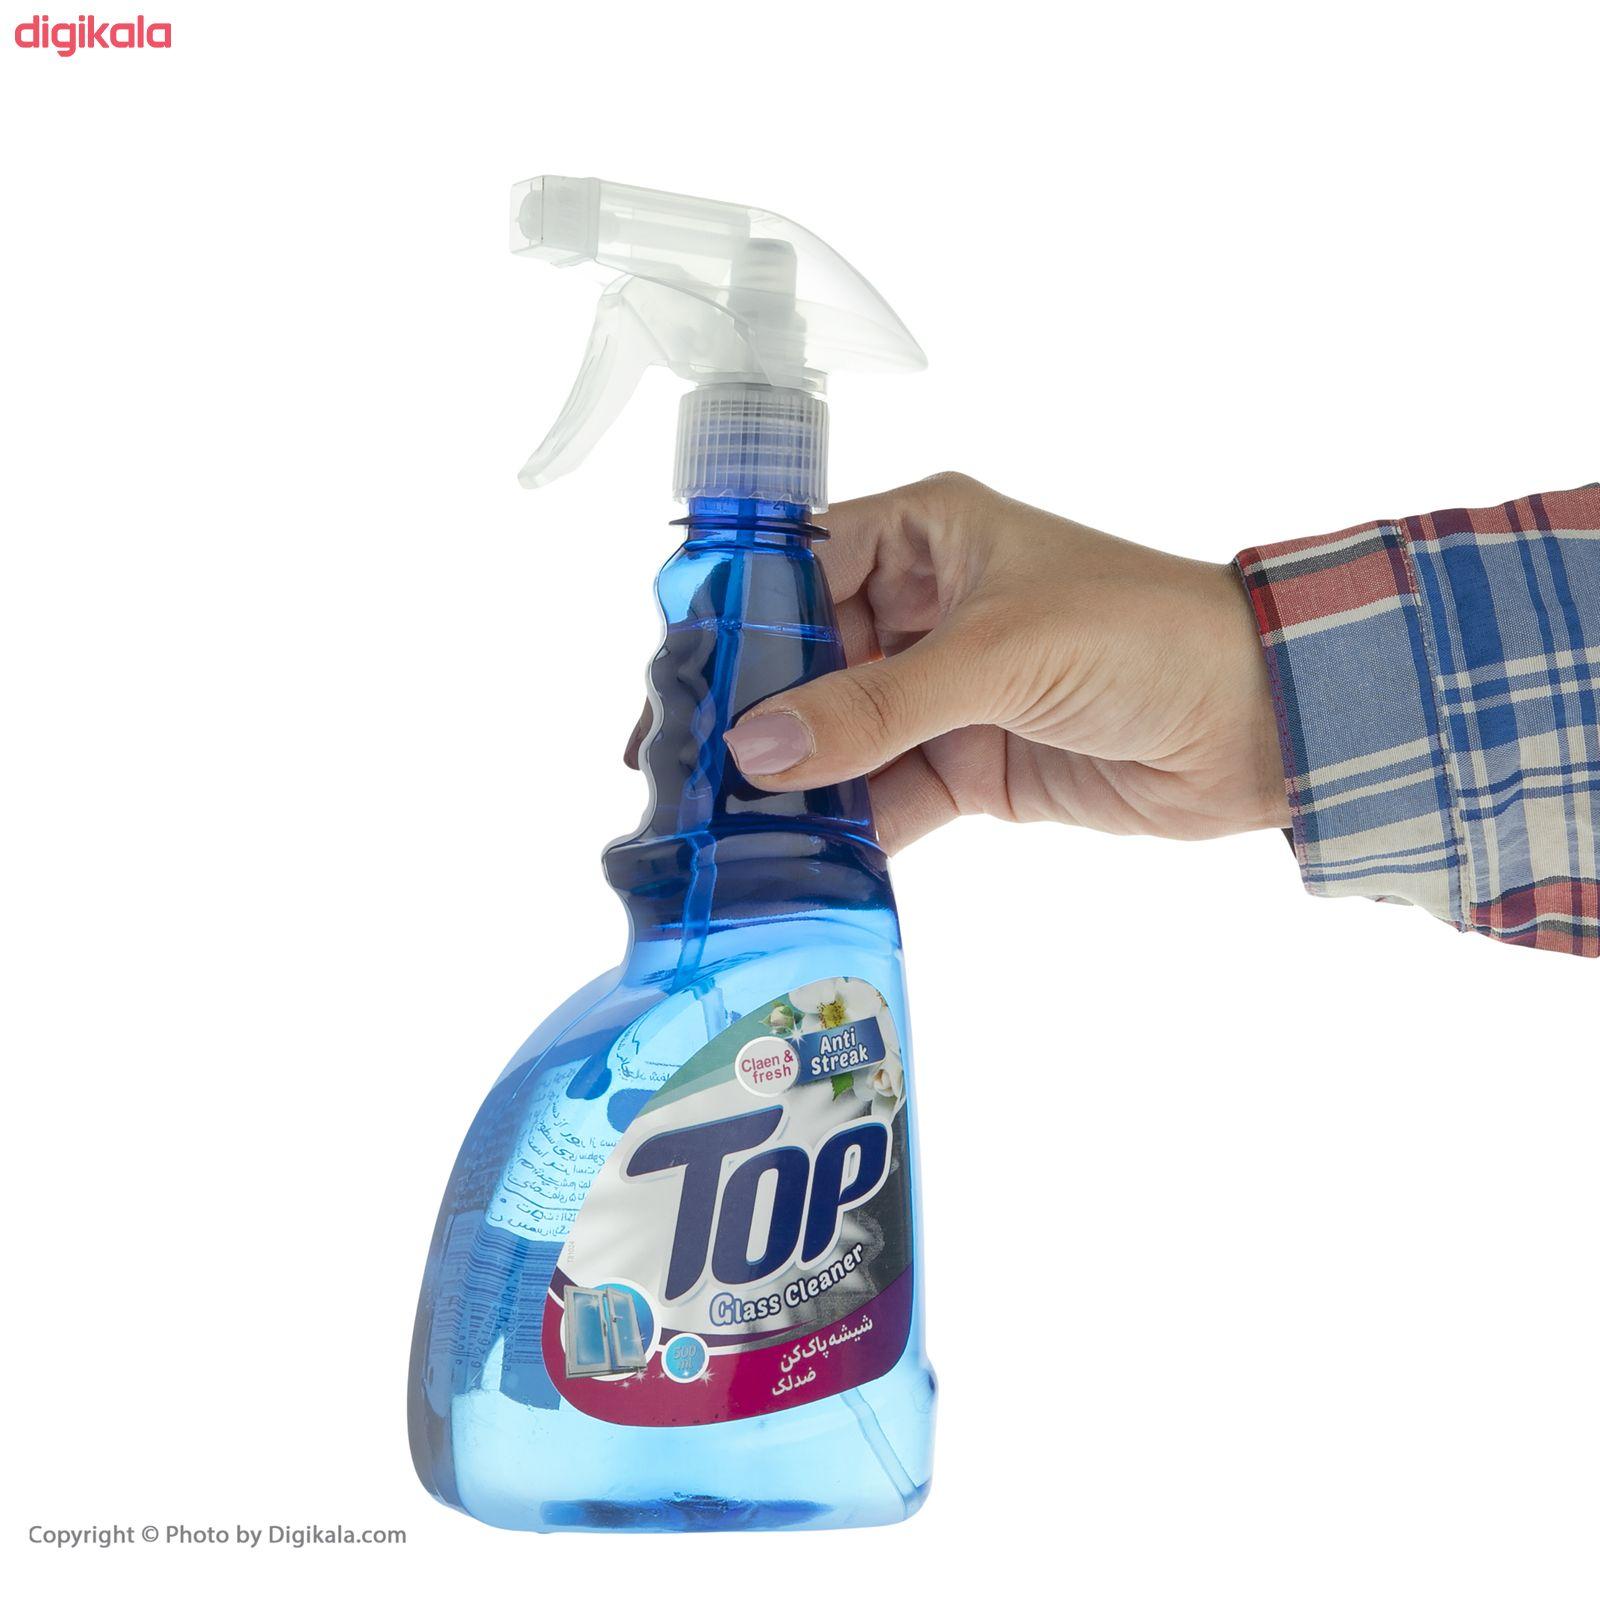 شیشه پاک کن تاپ کد 002 مقدار 500 گرم main 1 4